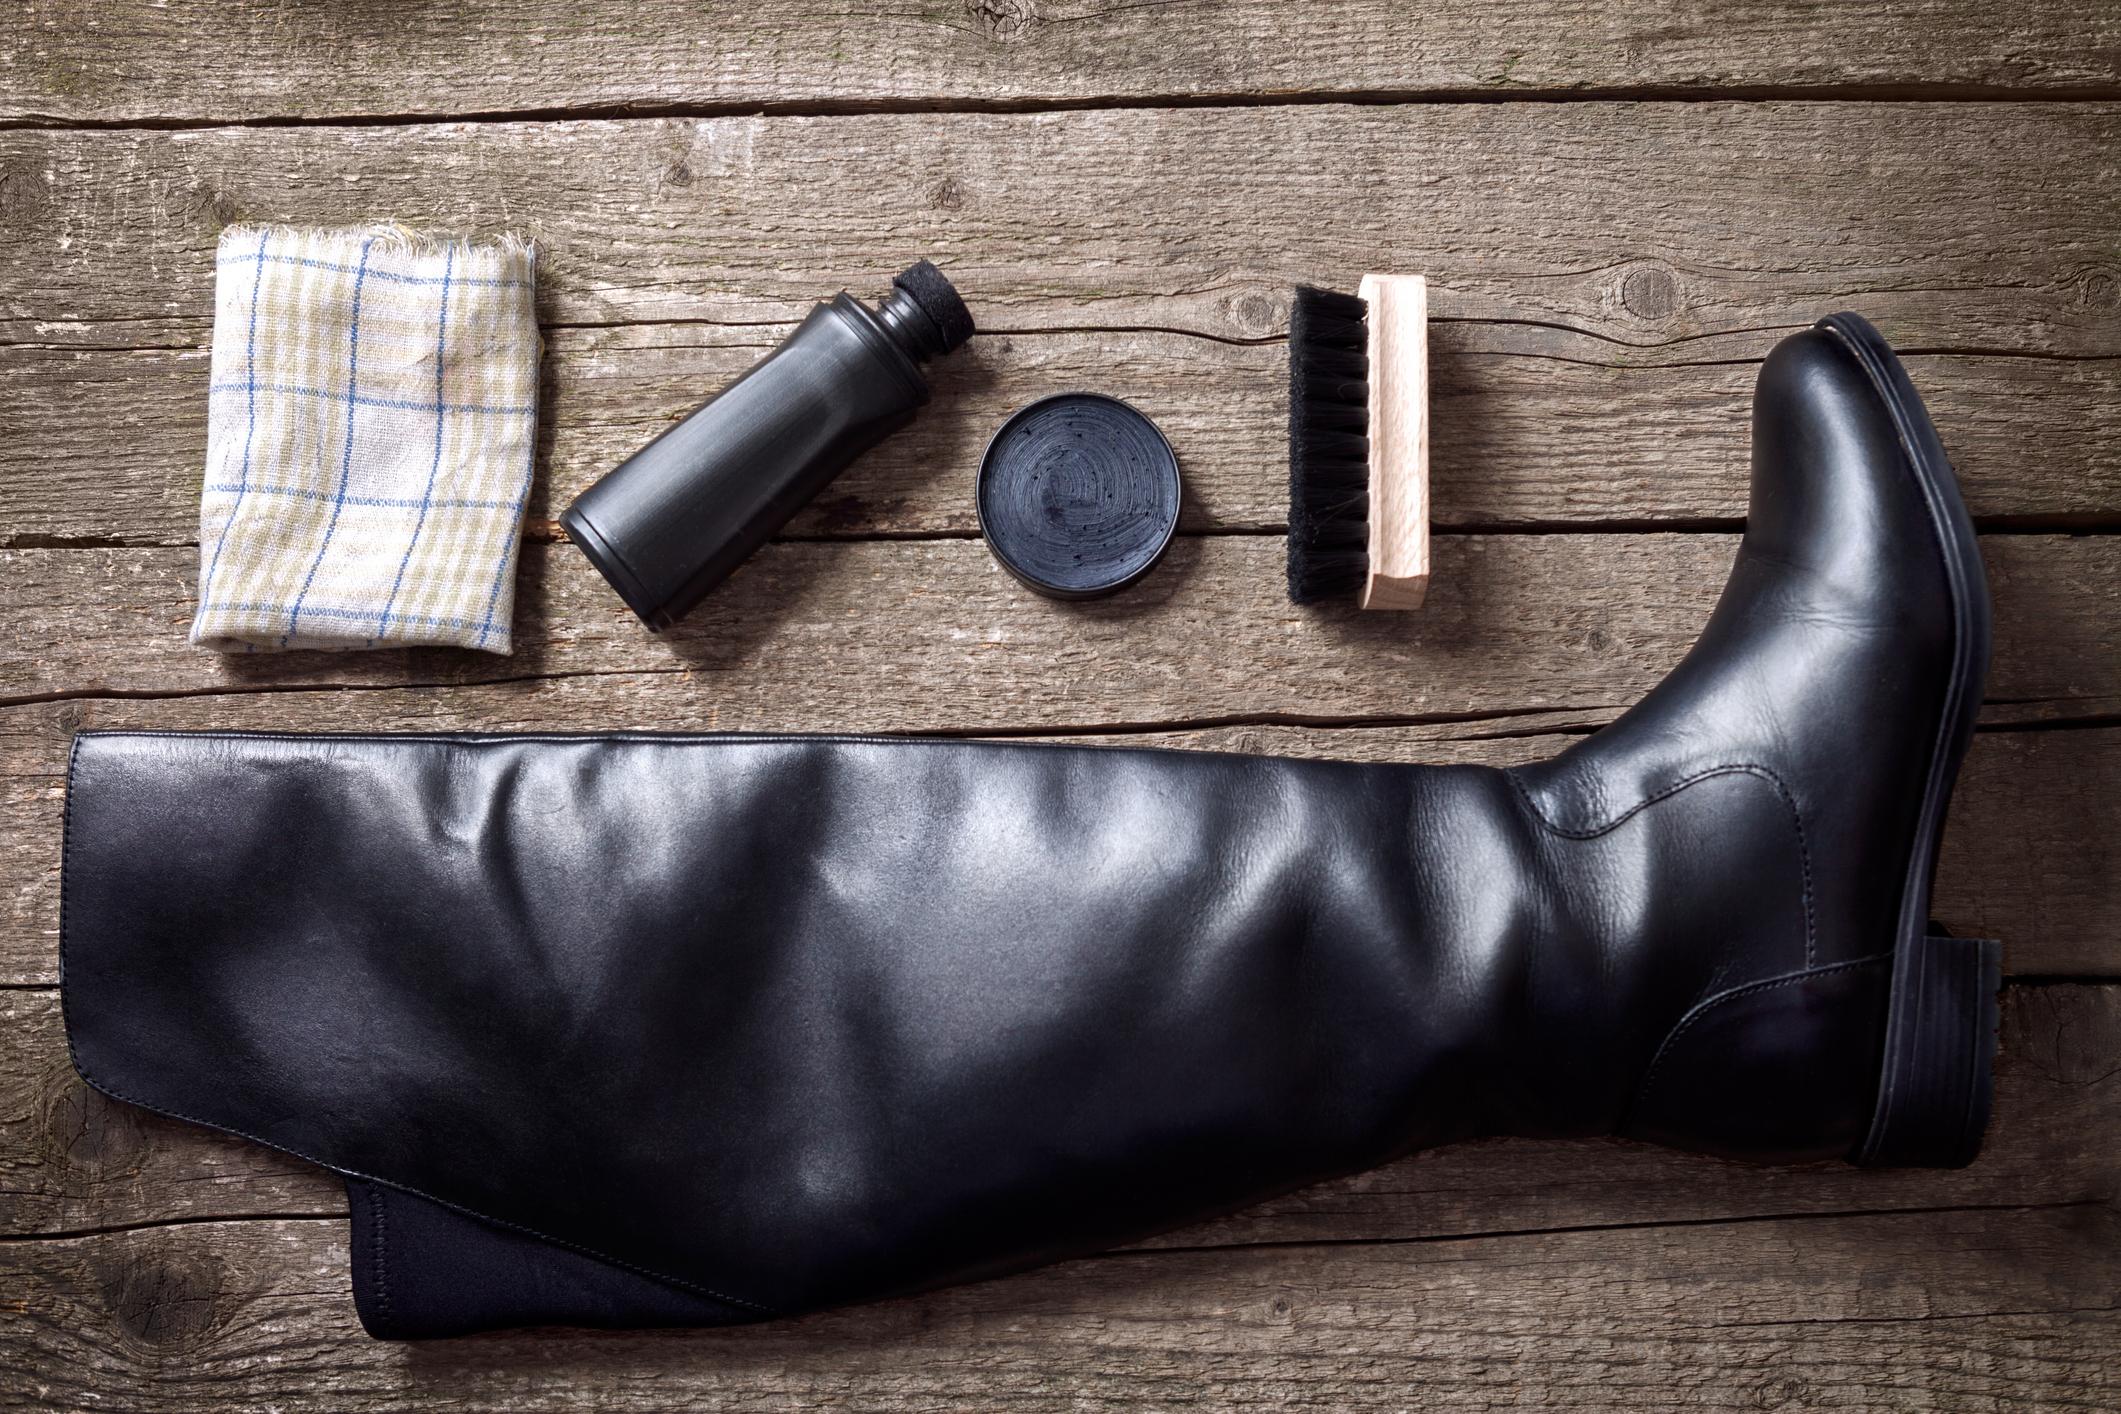 71baae31 Wiadomości - Lista - Dbaj o buty zimą | Royalfashion.pl - modne i ...